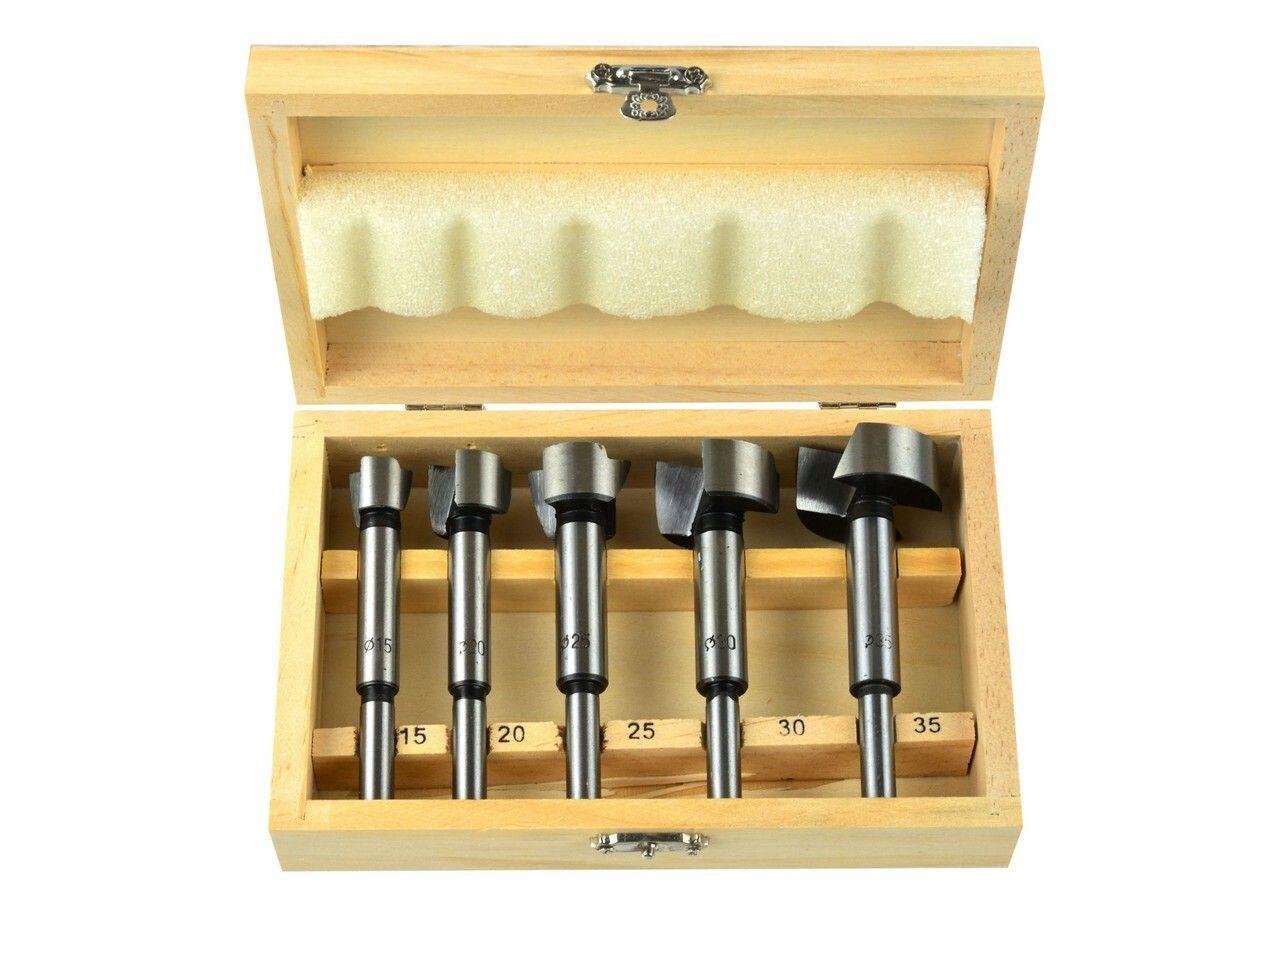 Frézy-sukovníky, do dřeva, 5ks, 15-20-25-30-35mm, stopka 8mm